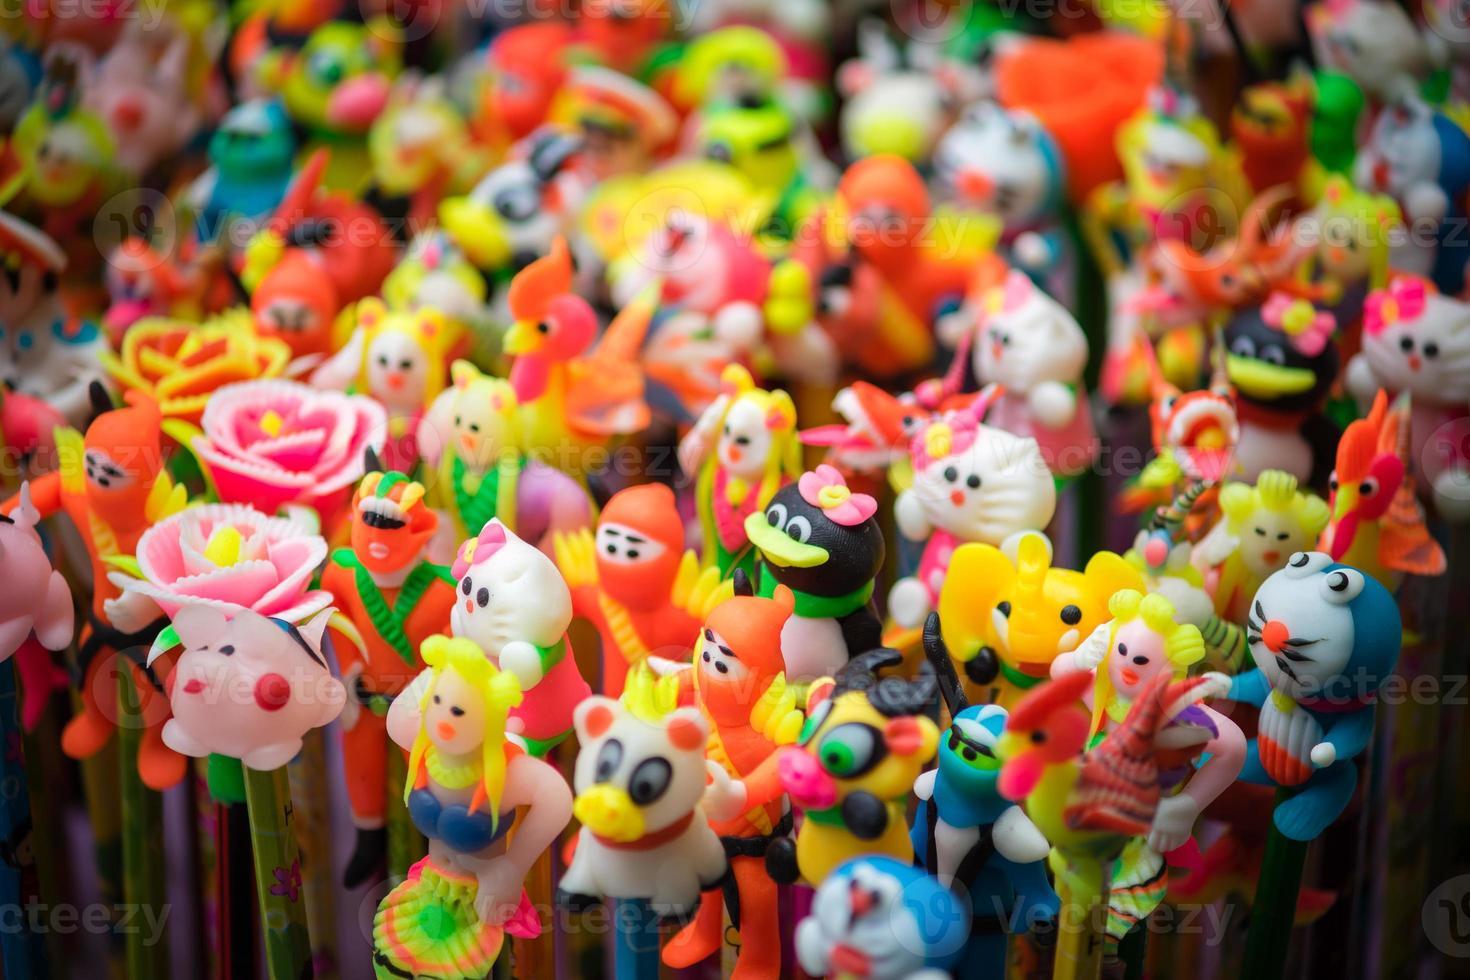 traditionele kleur decoraties in het midden van de herfst festival van Azië foto